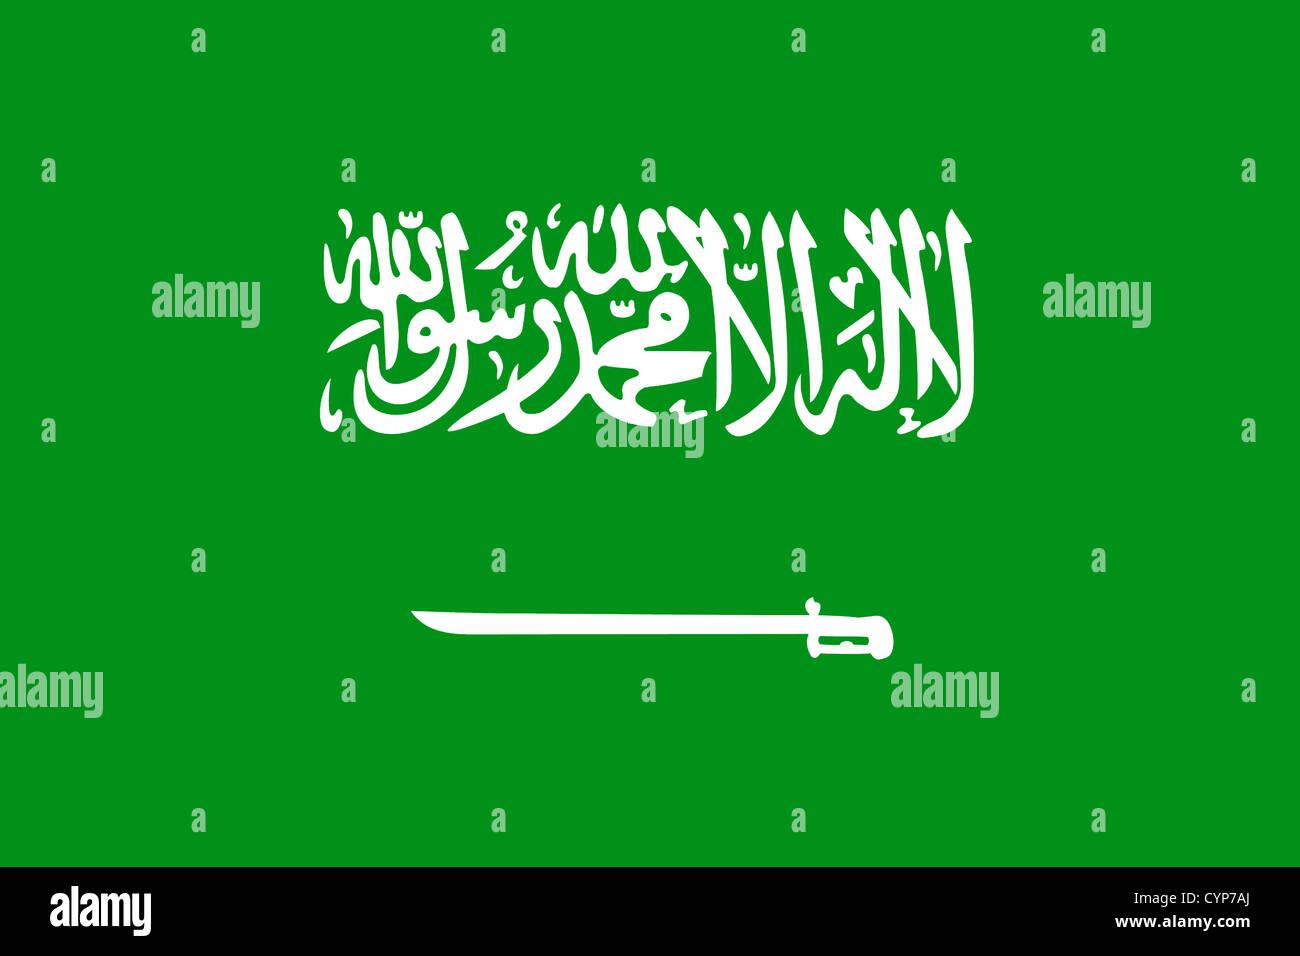 Bandiera nazionale del Regno dell'Arabia Saudita. Immagini Stock